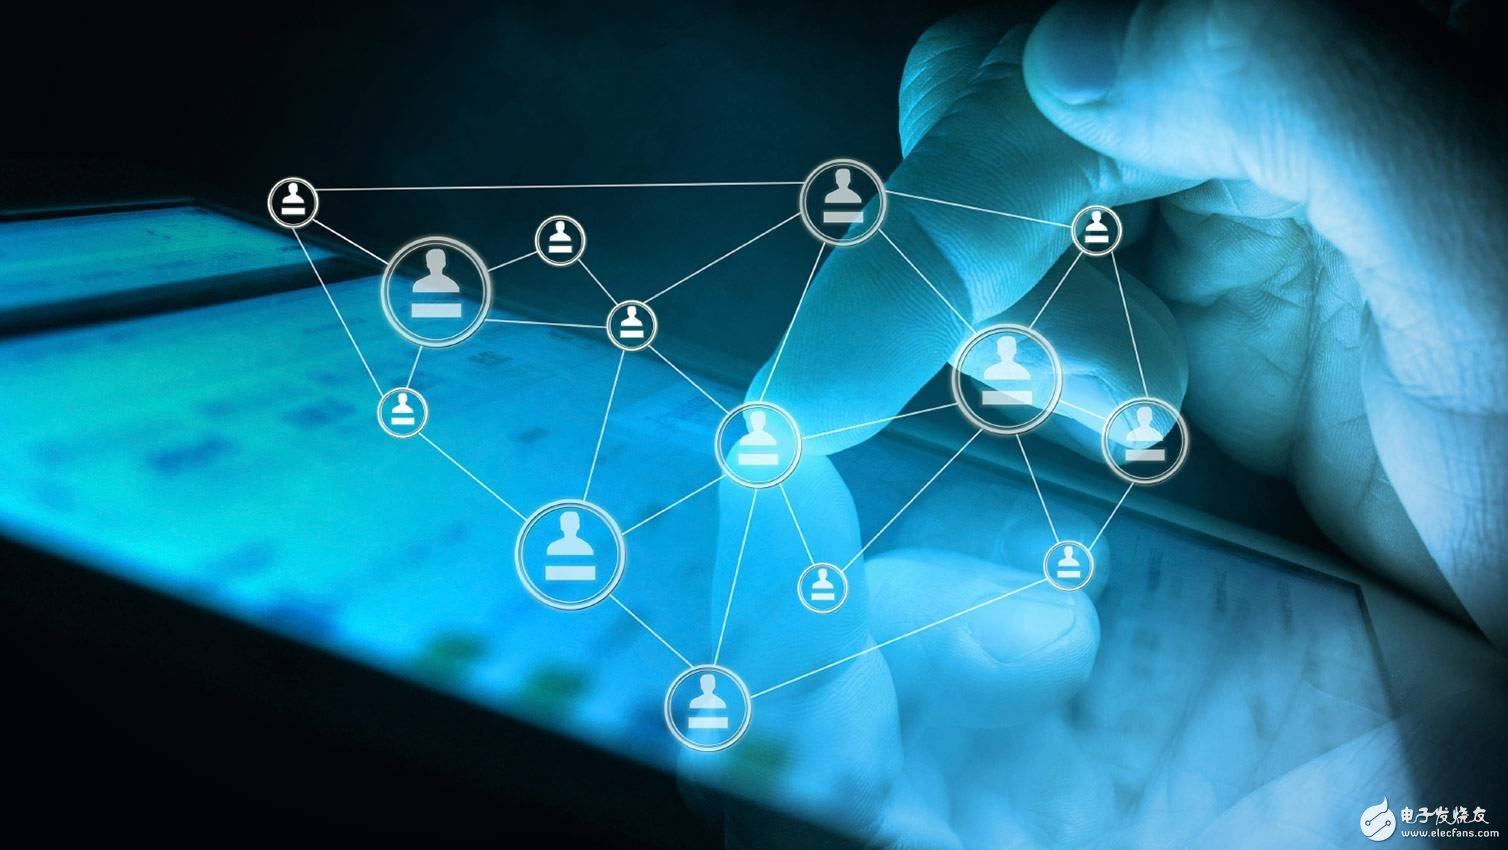 NB-IoT推动物联网进程  倾斜政策推动NB-IoT发展